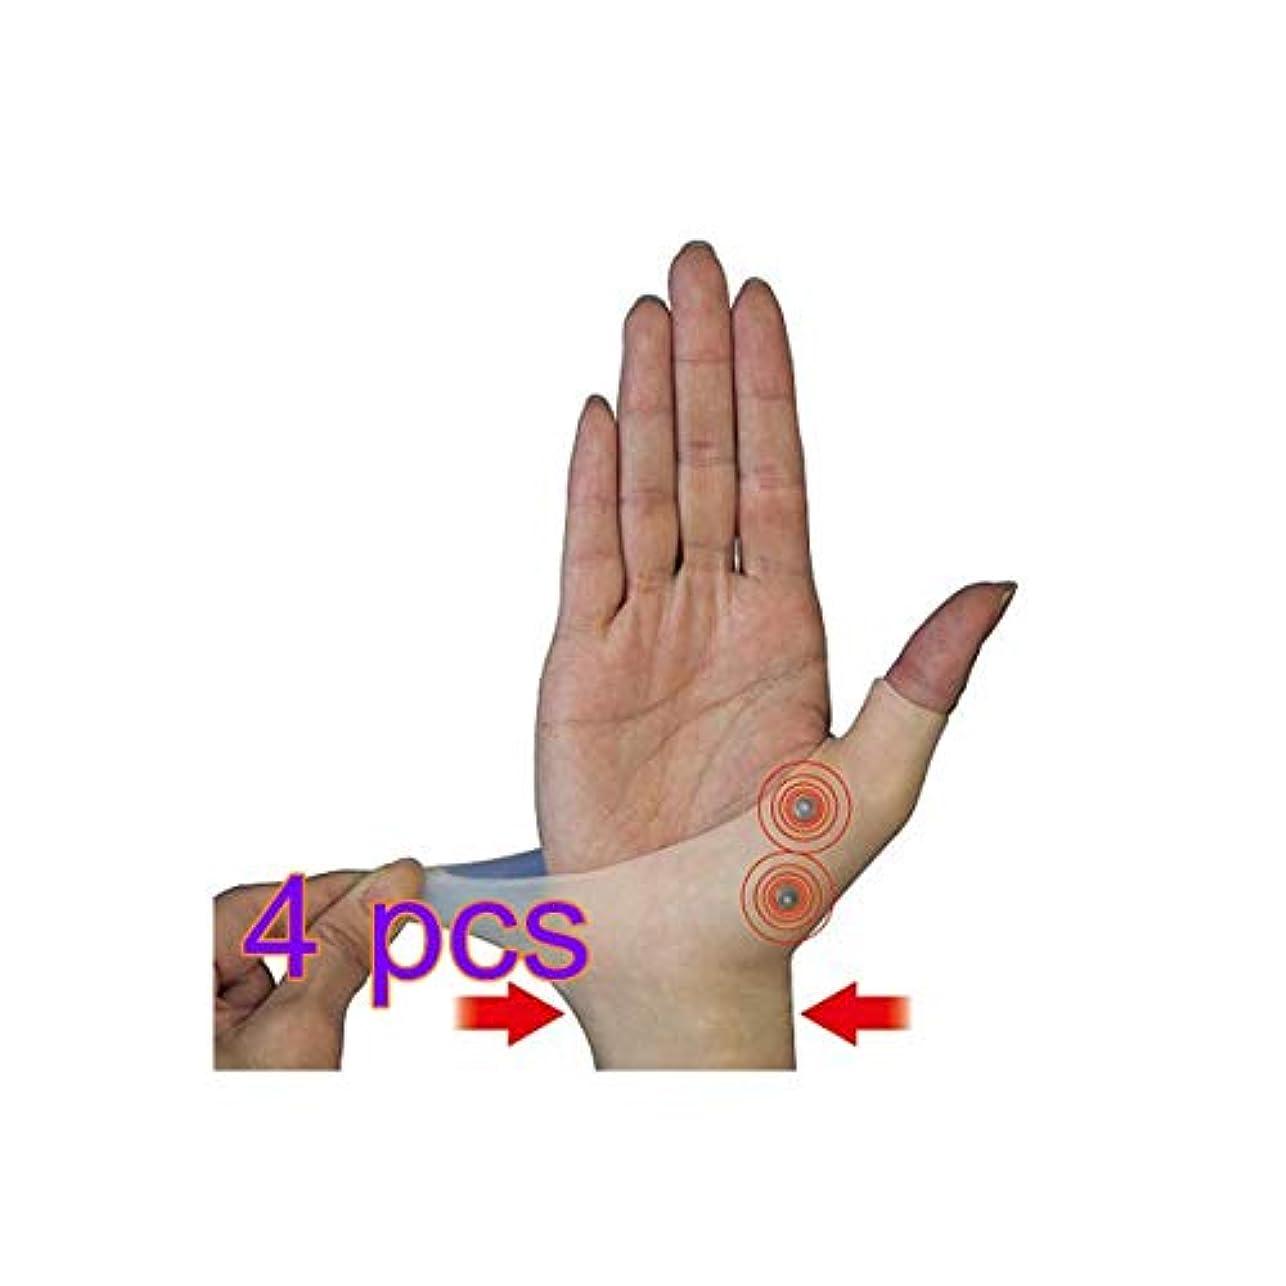 殺すテンポ発生するSUGE 手首サポーター 磁気手袋 親指サポーター 磁気療法手袋 圧縮手袋 血行促進 疲れ軽減 衝撃緩和 サポーター レディース テーピング シリコン フリーサイズ 左右両用 男女兼用 2枚/4枚セット